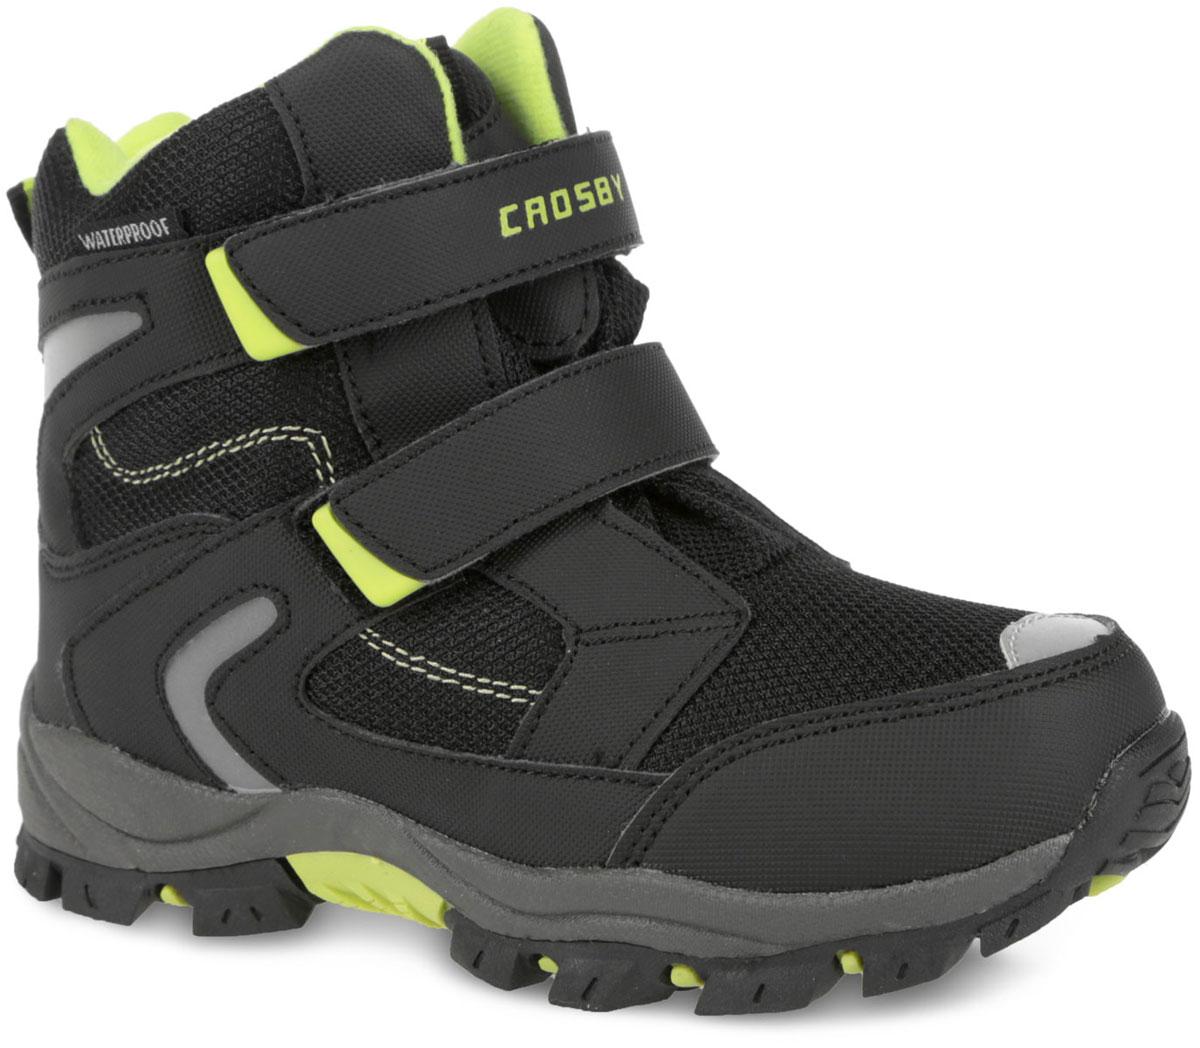 Ботинки для мальчика. 458841/01-01458841/01-01Стильные ботинки от Crosby покорят вашего мальчика с первого взгляда! Модель выполнена из оксфорда и дополнена вставками из искусственной кожи. Мембрана Crosby -Tex не пропускает воду, но в тоже время позволяет ногам дышать. Застегиваются ботинки на два ремешка с липучками, расположенные на подъеме. Подкладка и стелька, выполненные на 30% из натуральной шерсти и на 70% из полиэстера, не дадут ногам вашего ребенка замерзнуть. Текстильный ярлычок на заднике и на язычке, обеспечивает удобное обувание модели. Светоотражающие вставки на ботинках увеличивают безопасность вашего ребенка. Подошва с рельефным протектором защищают изделие от скольжения. Модные ботинки - незаменимая вещь в гардеробе каждого ребенка.